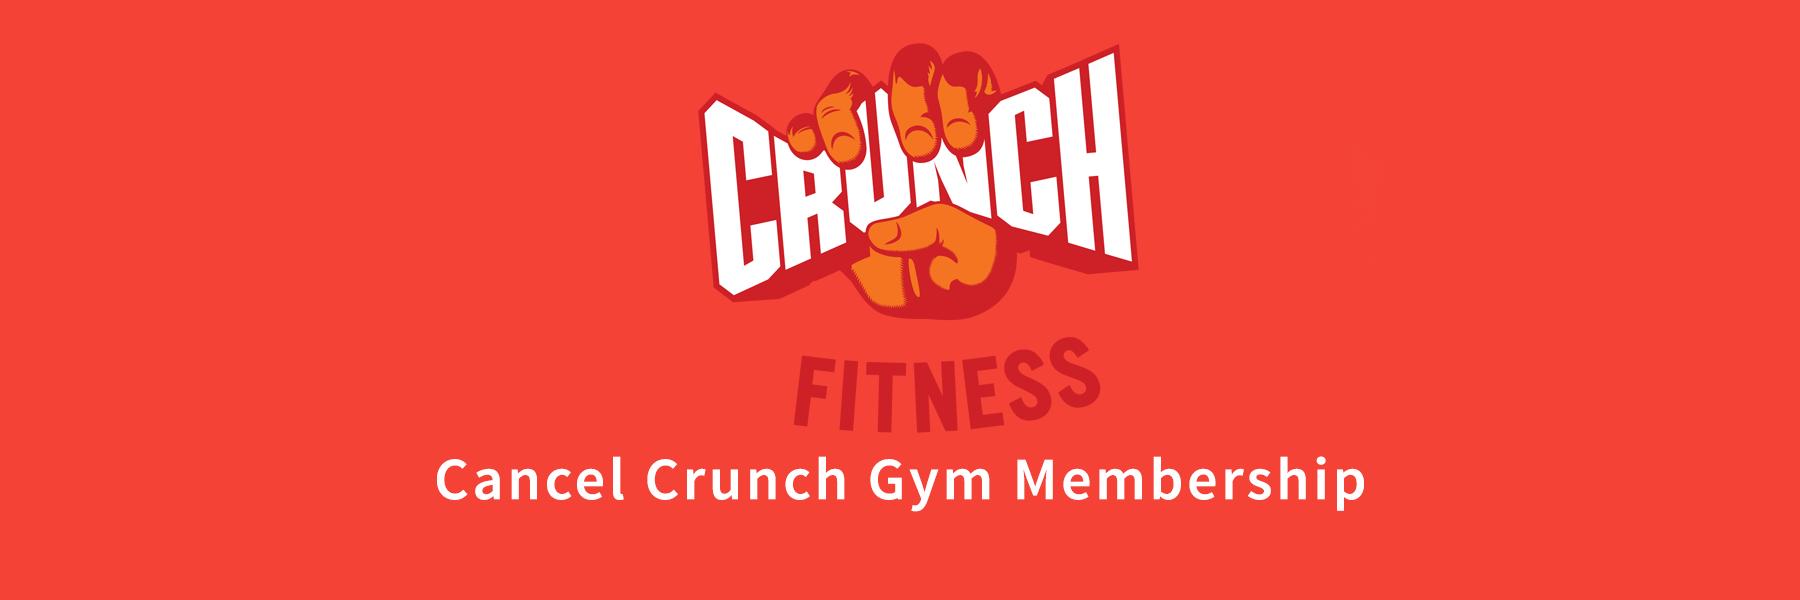 Cancel Crunch Gym Membership